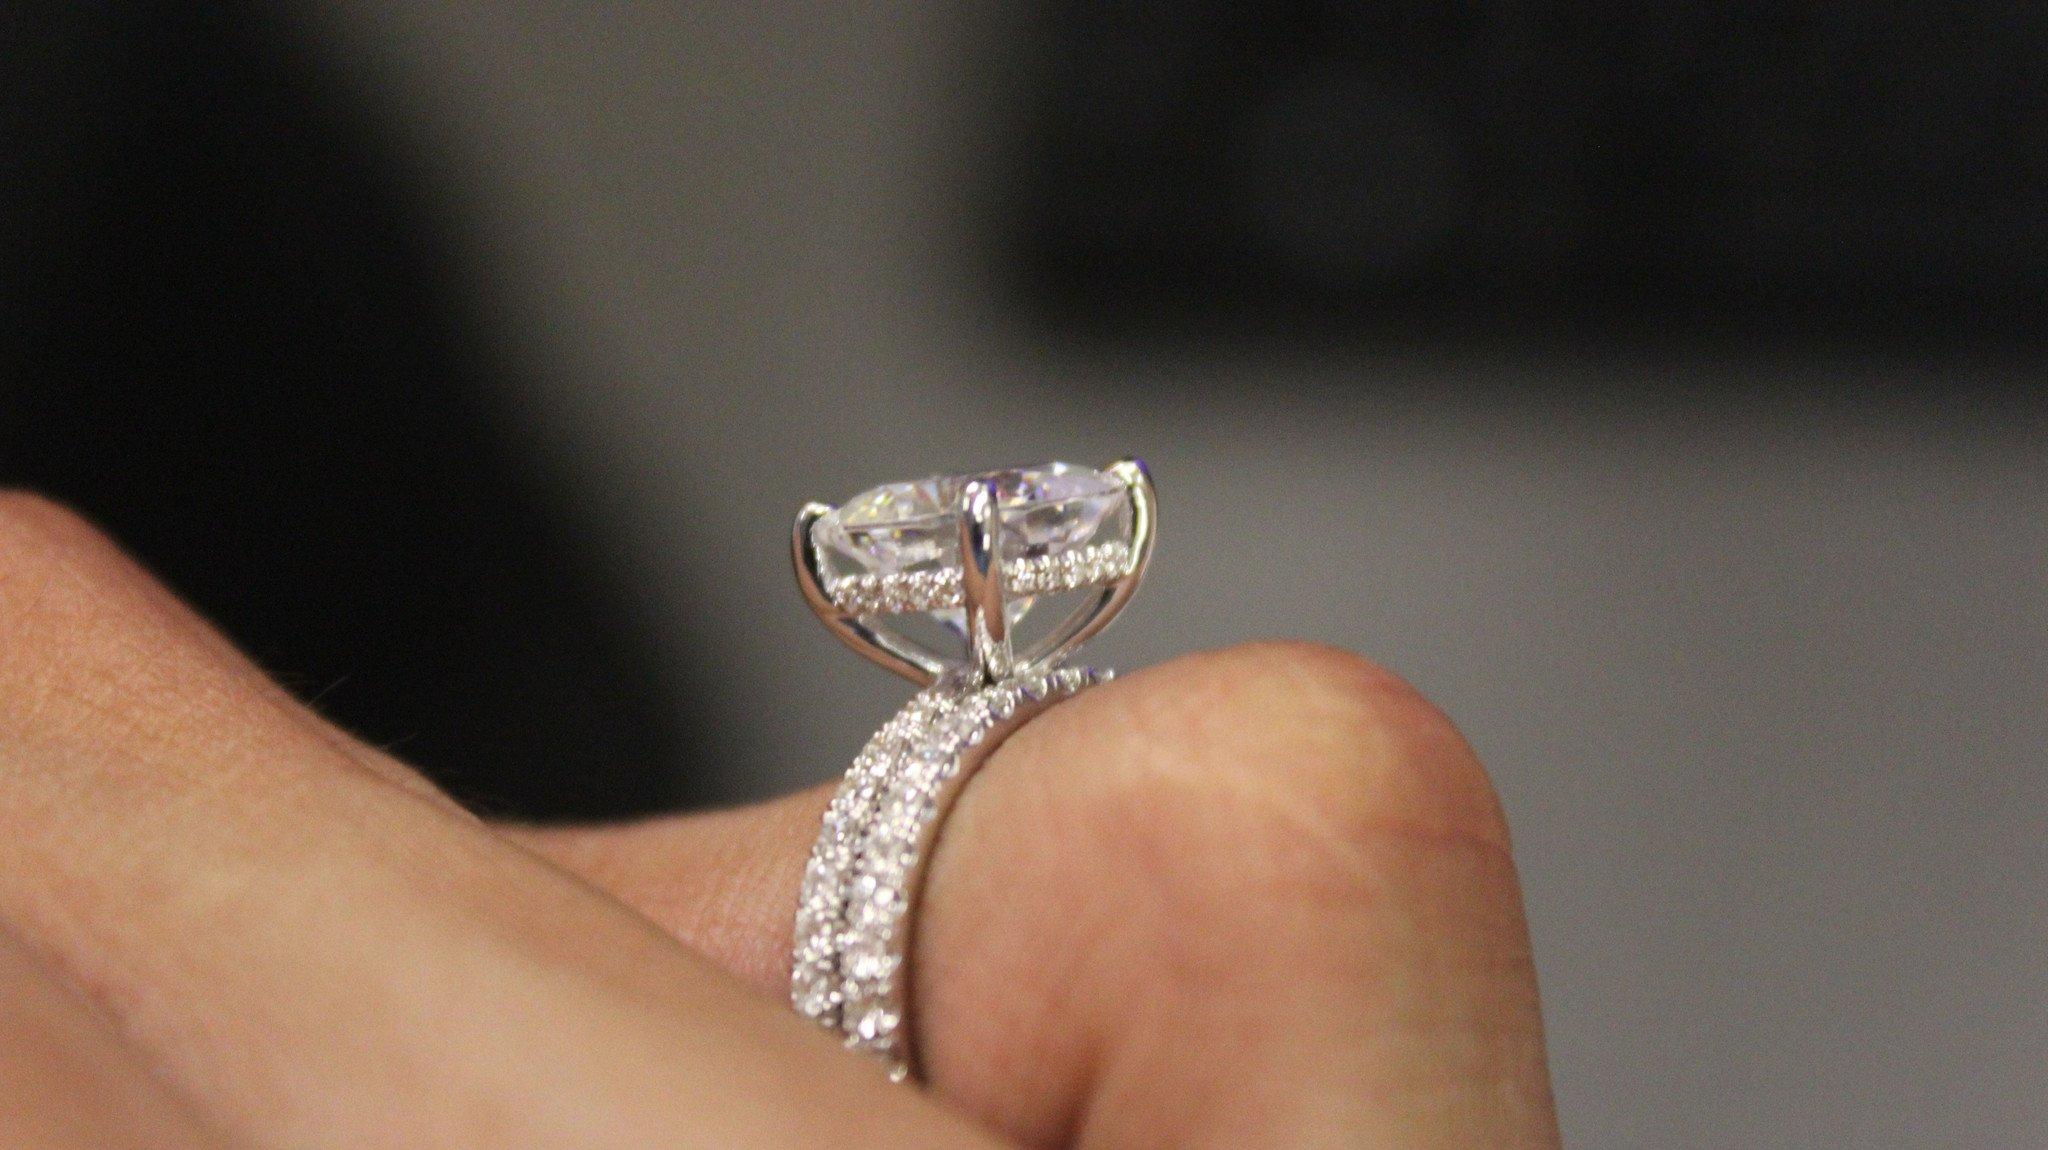 8mm Cushion Forever One Moissanite & Diamond Hidden Halo Ring